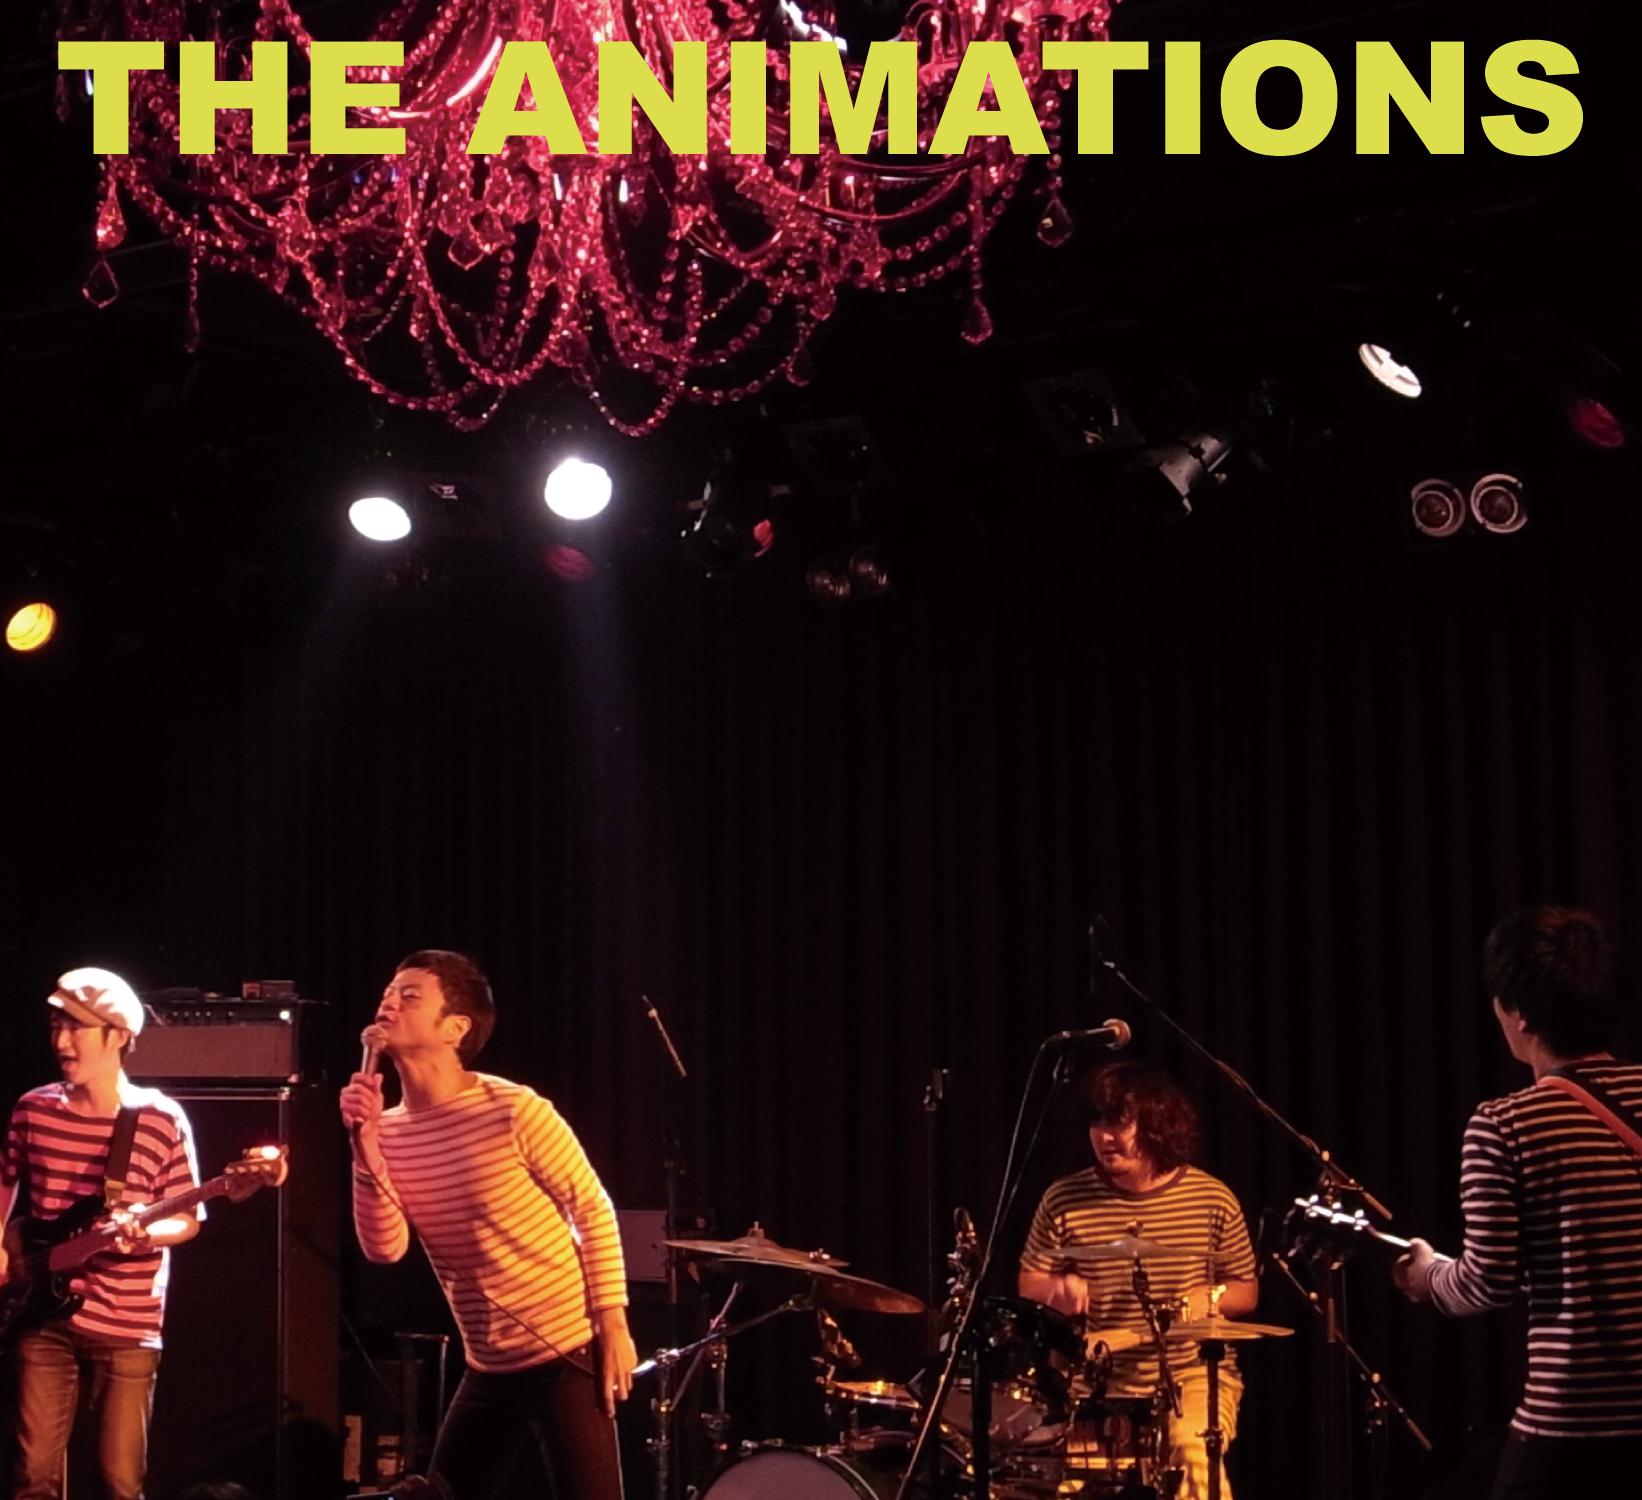 アニメーションズ『ANIMATIONS LIVE!』3月20日発売決定!